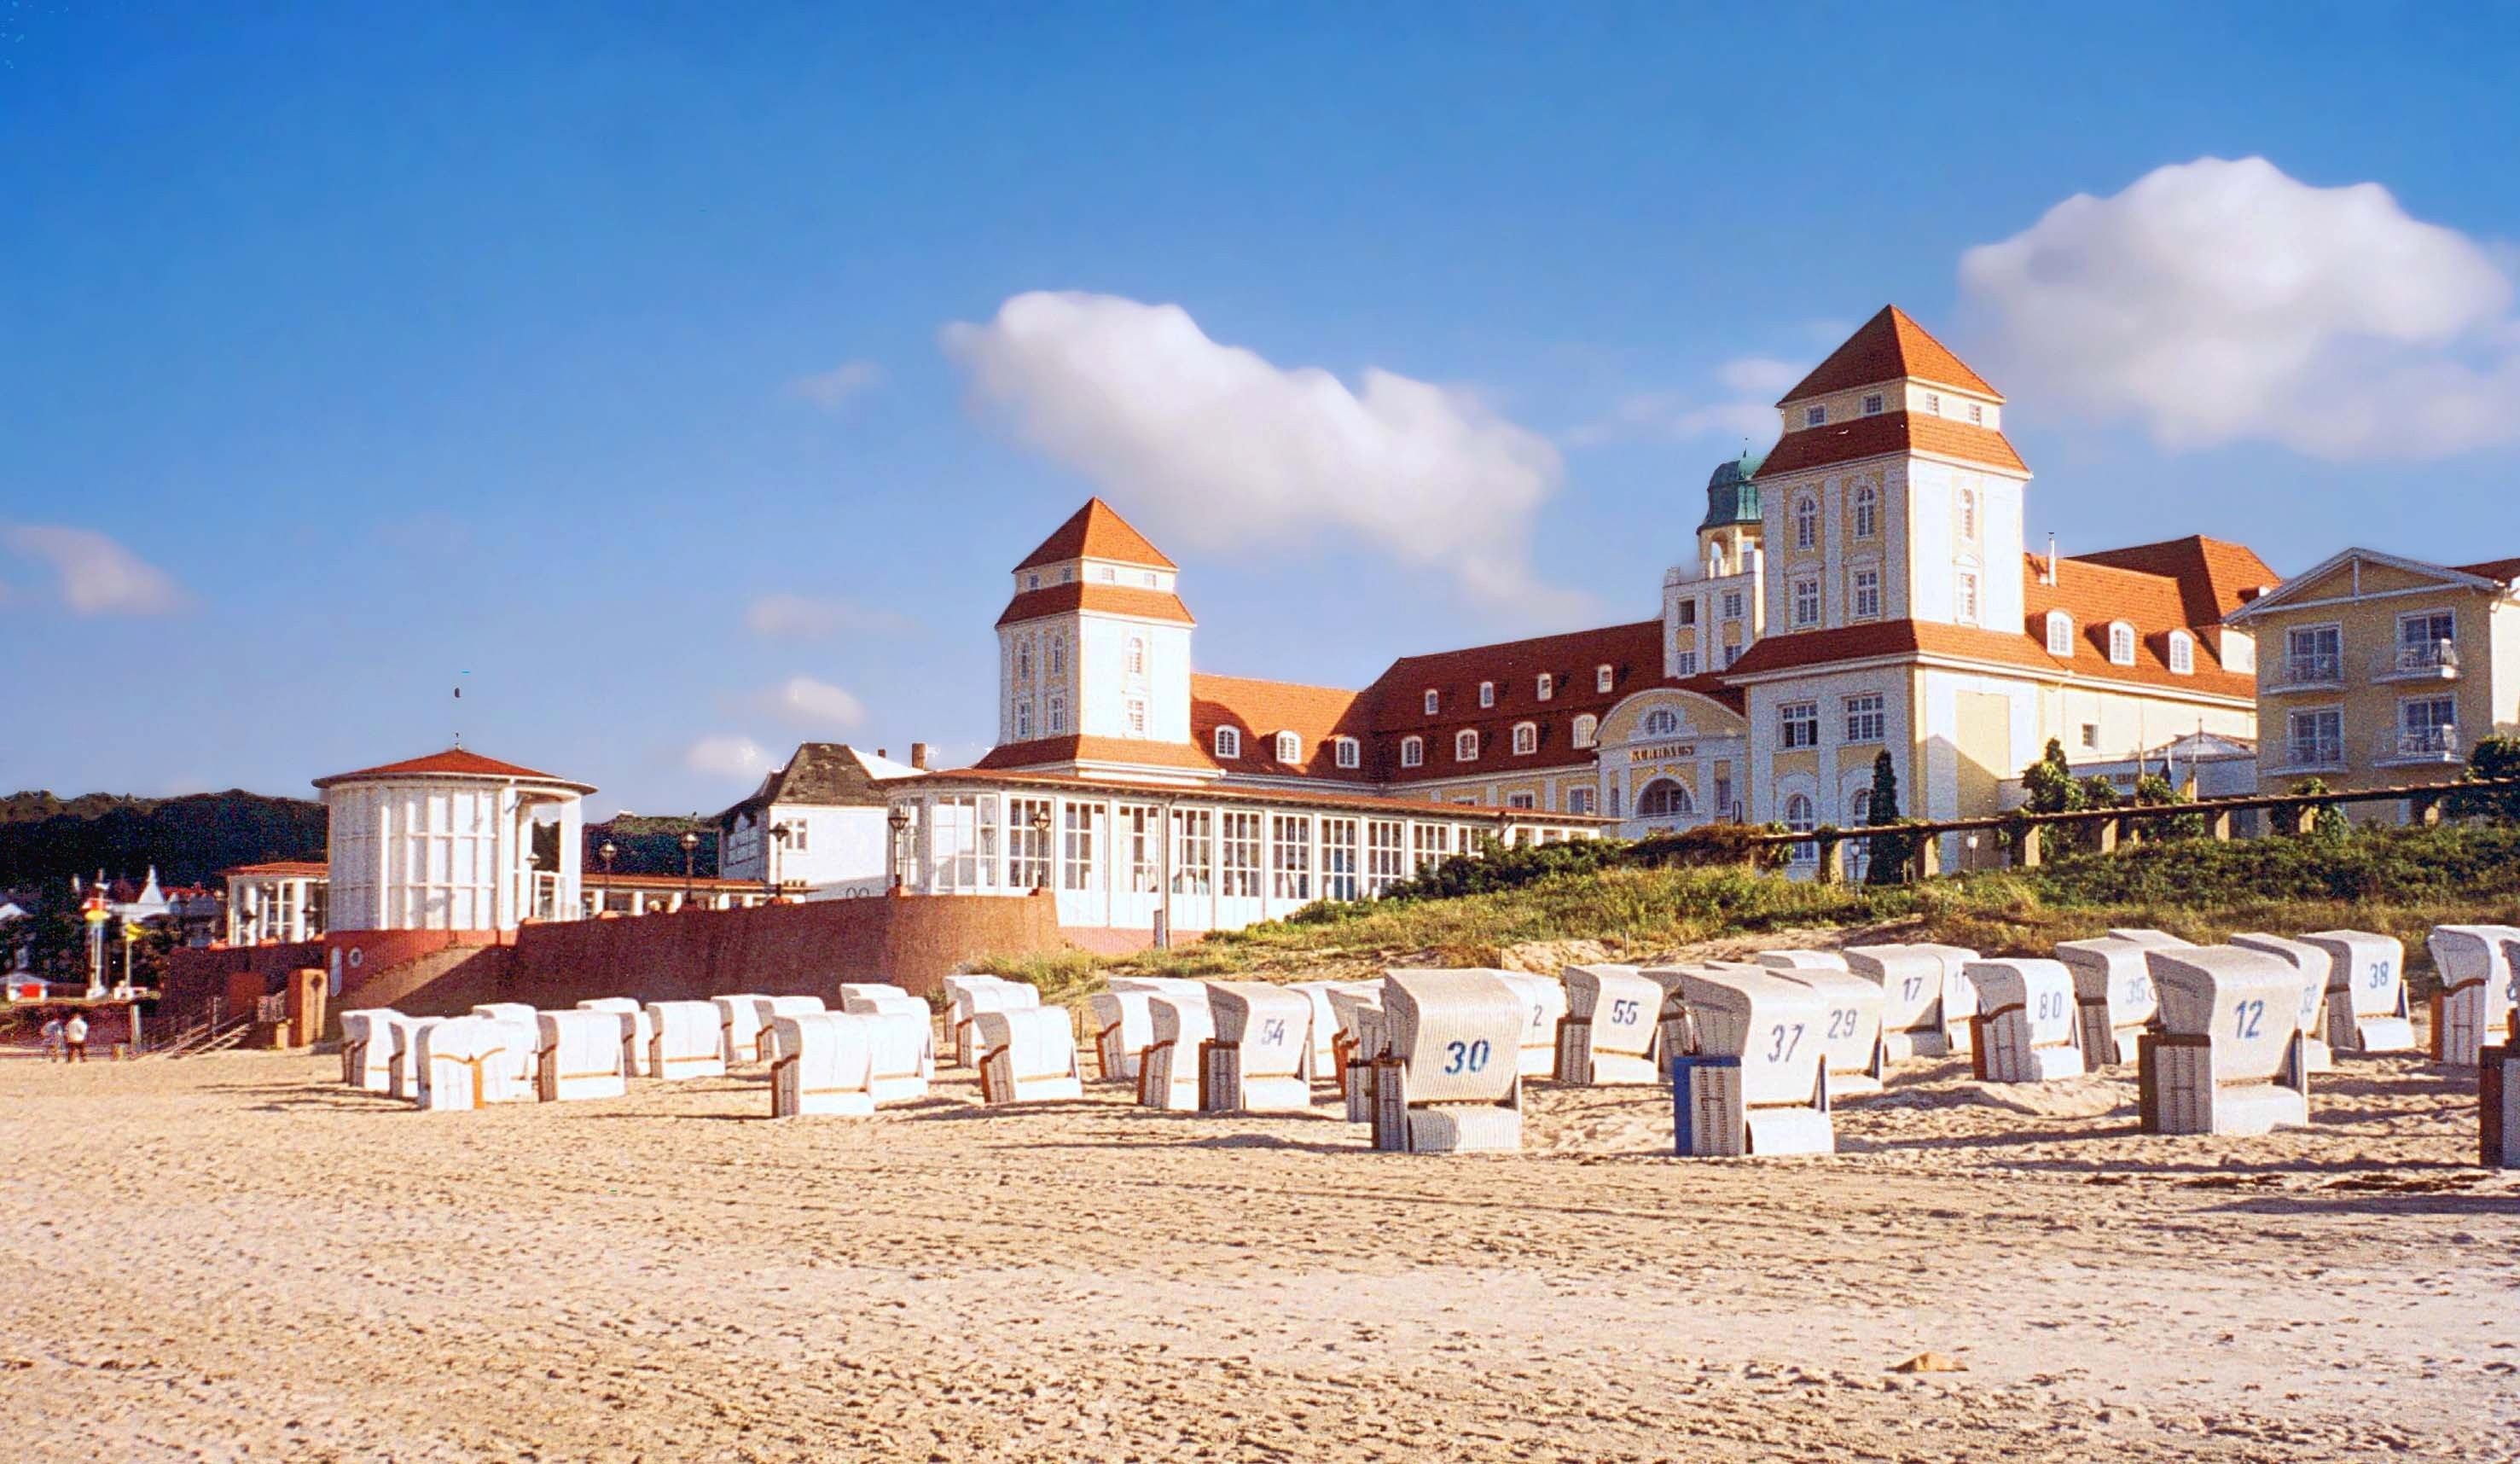 Binz, Mecklenburg-West Pomerania, Germany